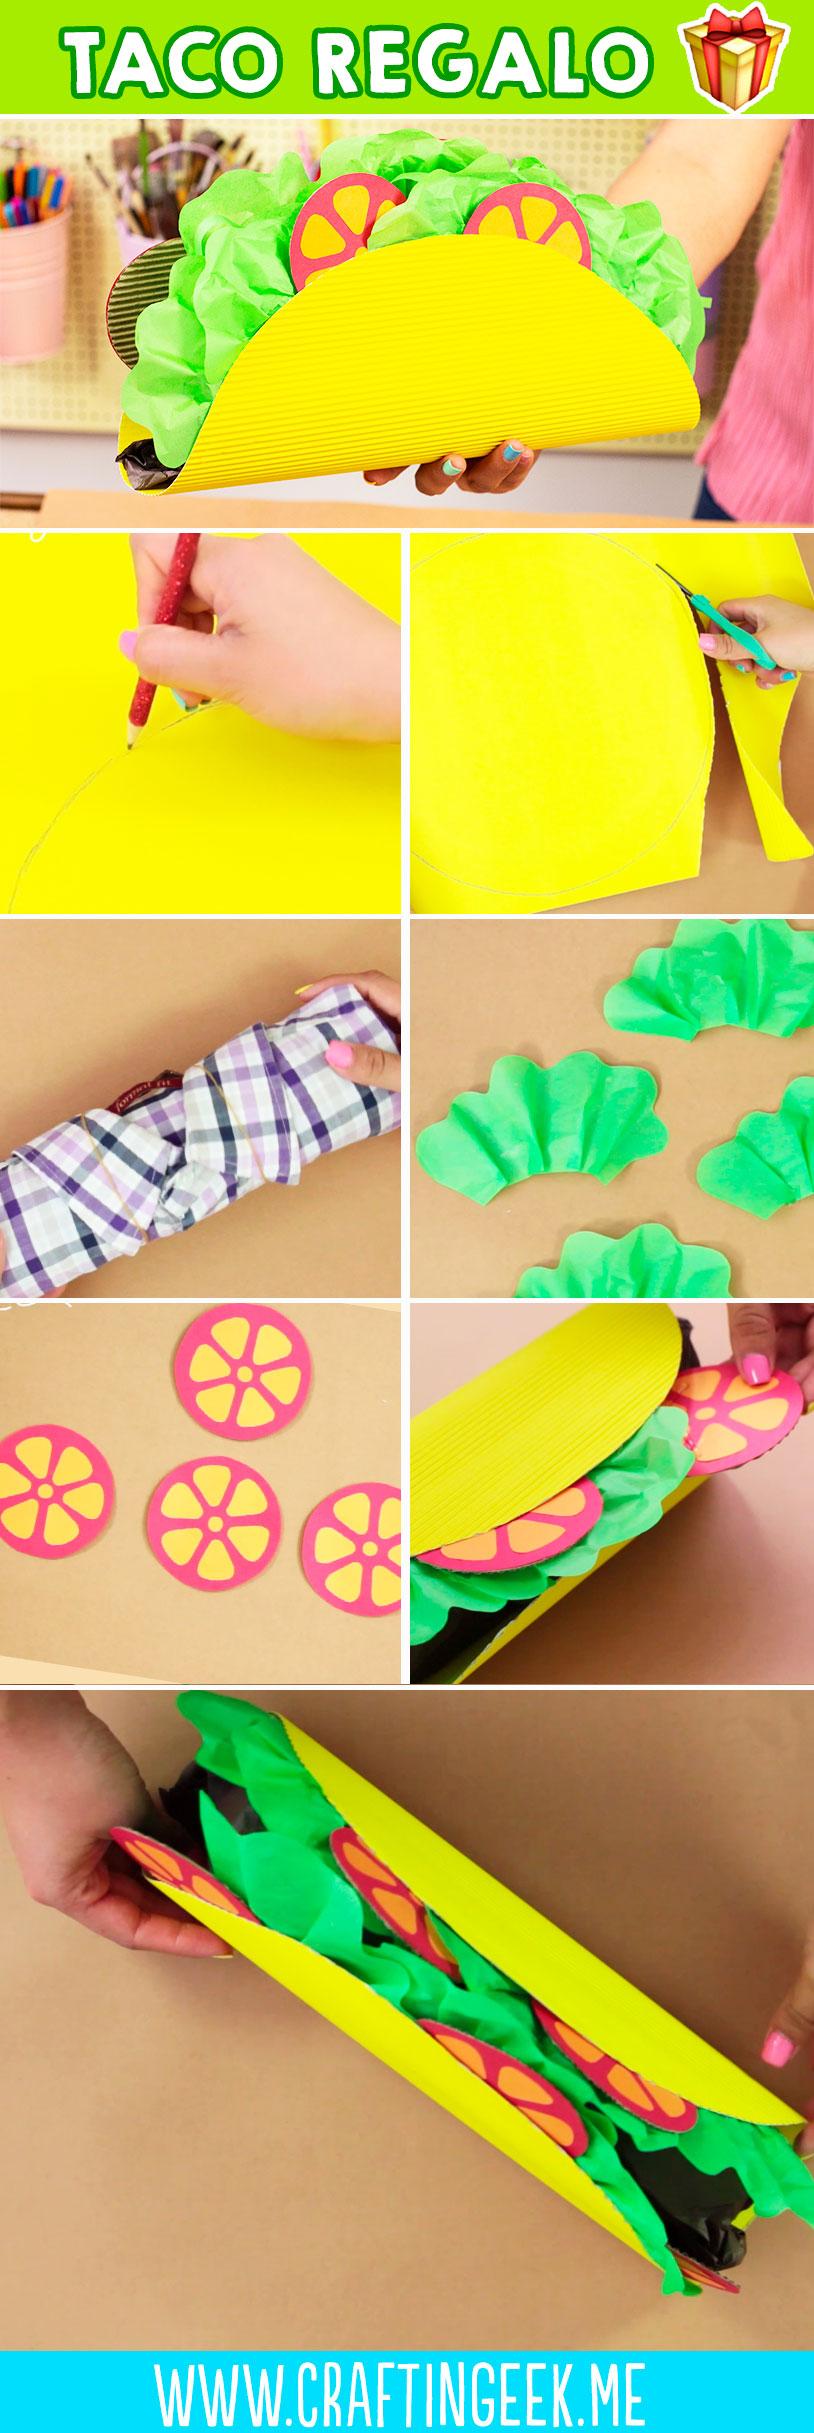 Haz una caja para regalo de taco. - Make your own taco gift box!